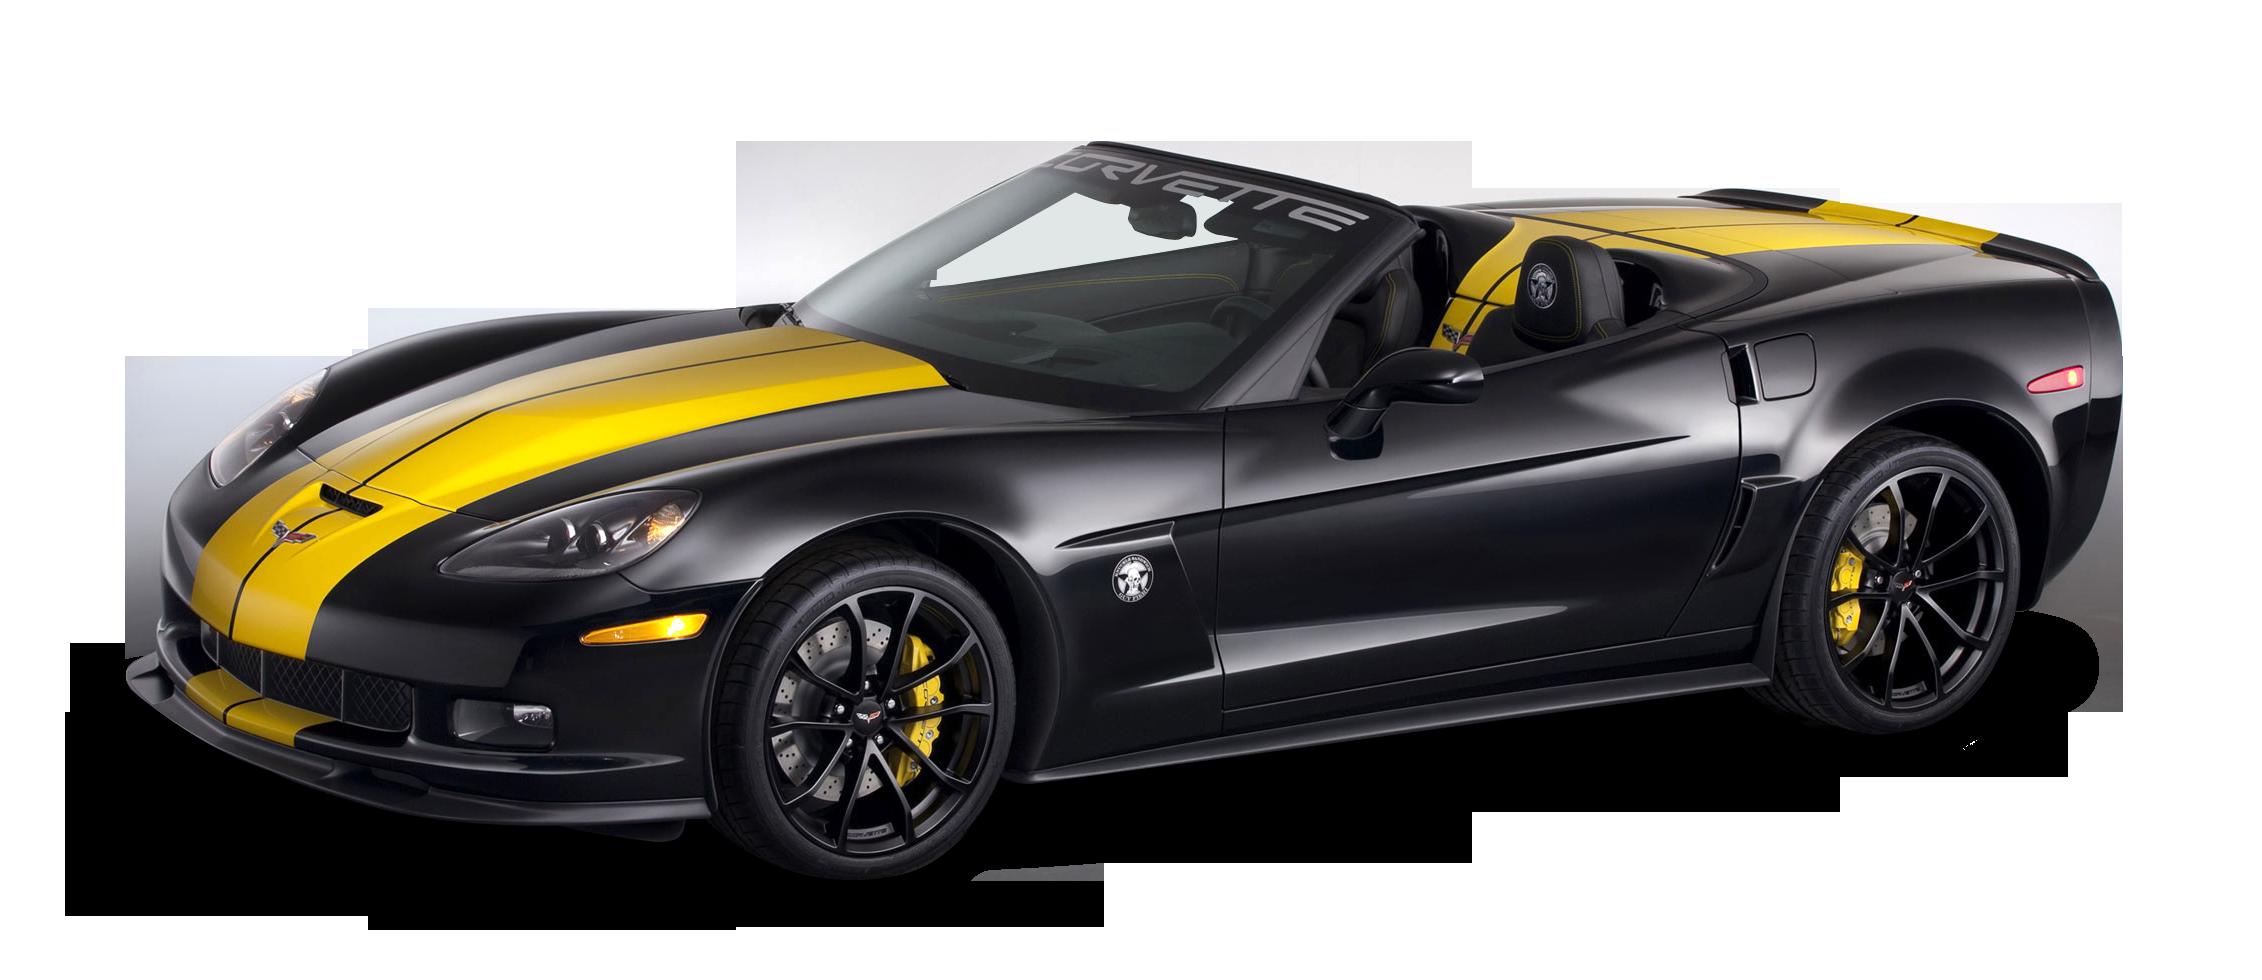 Chevrolet Corvette 427 Convertible Car PNG Image